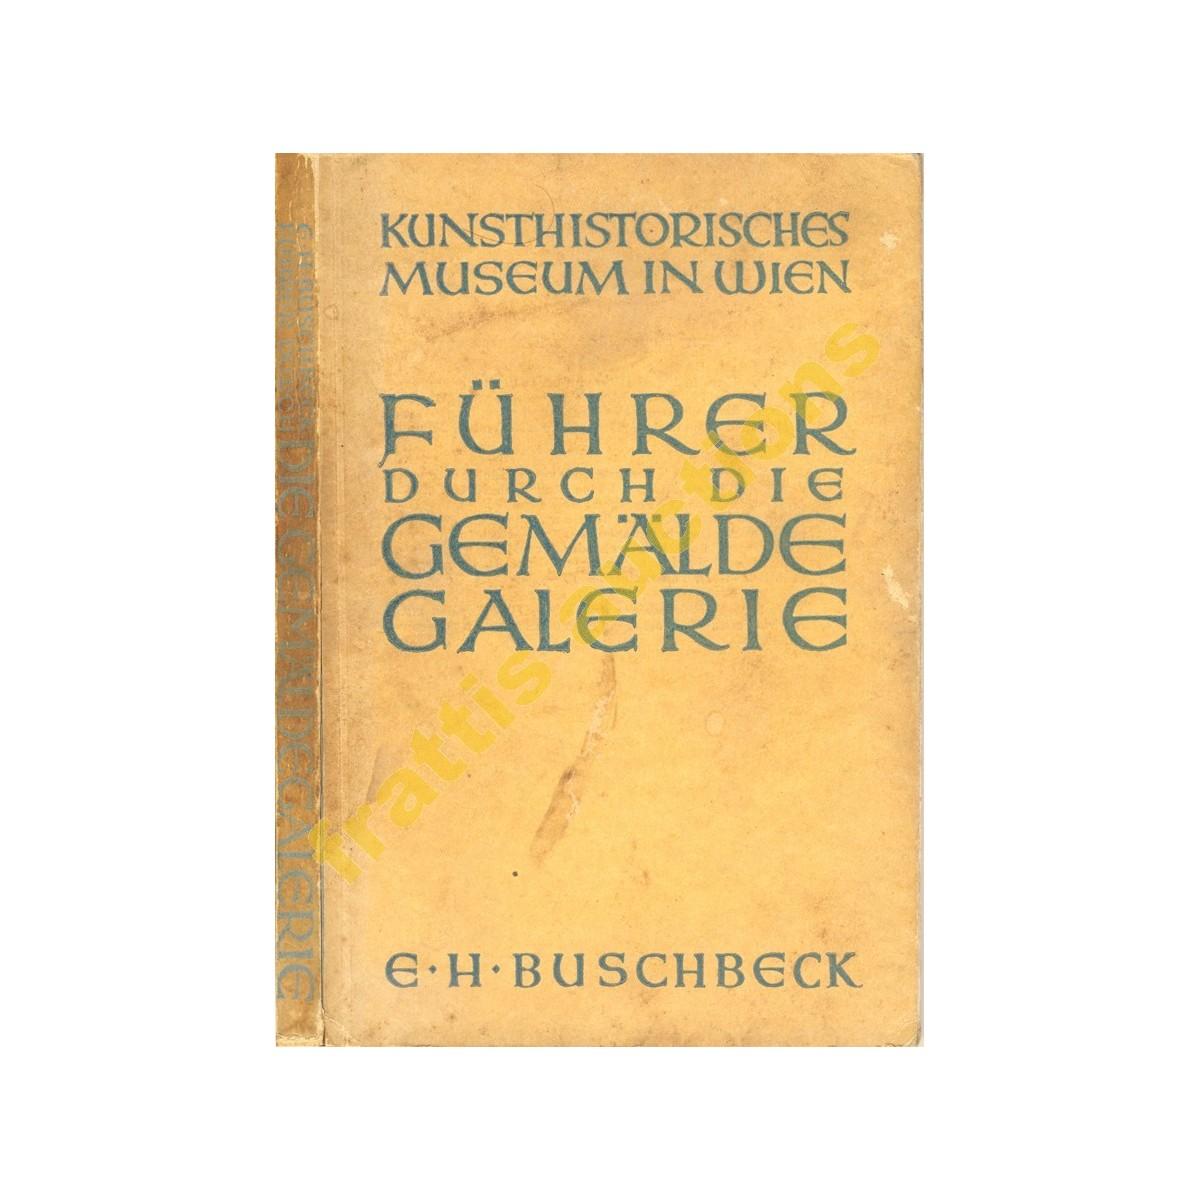 Fuhrer durch die gemalde galerie,Kunsthistorisches museum in wien,1931.